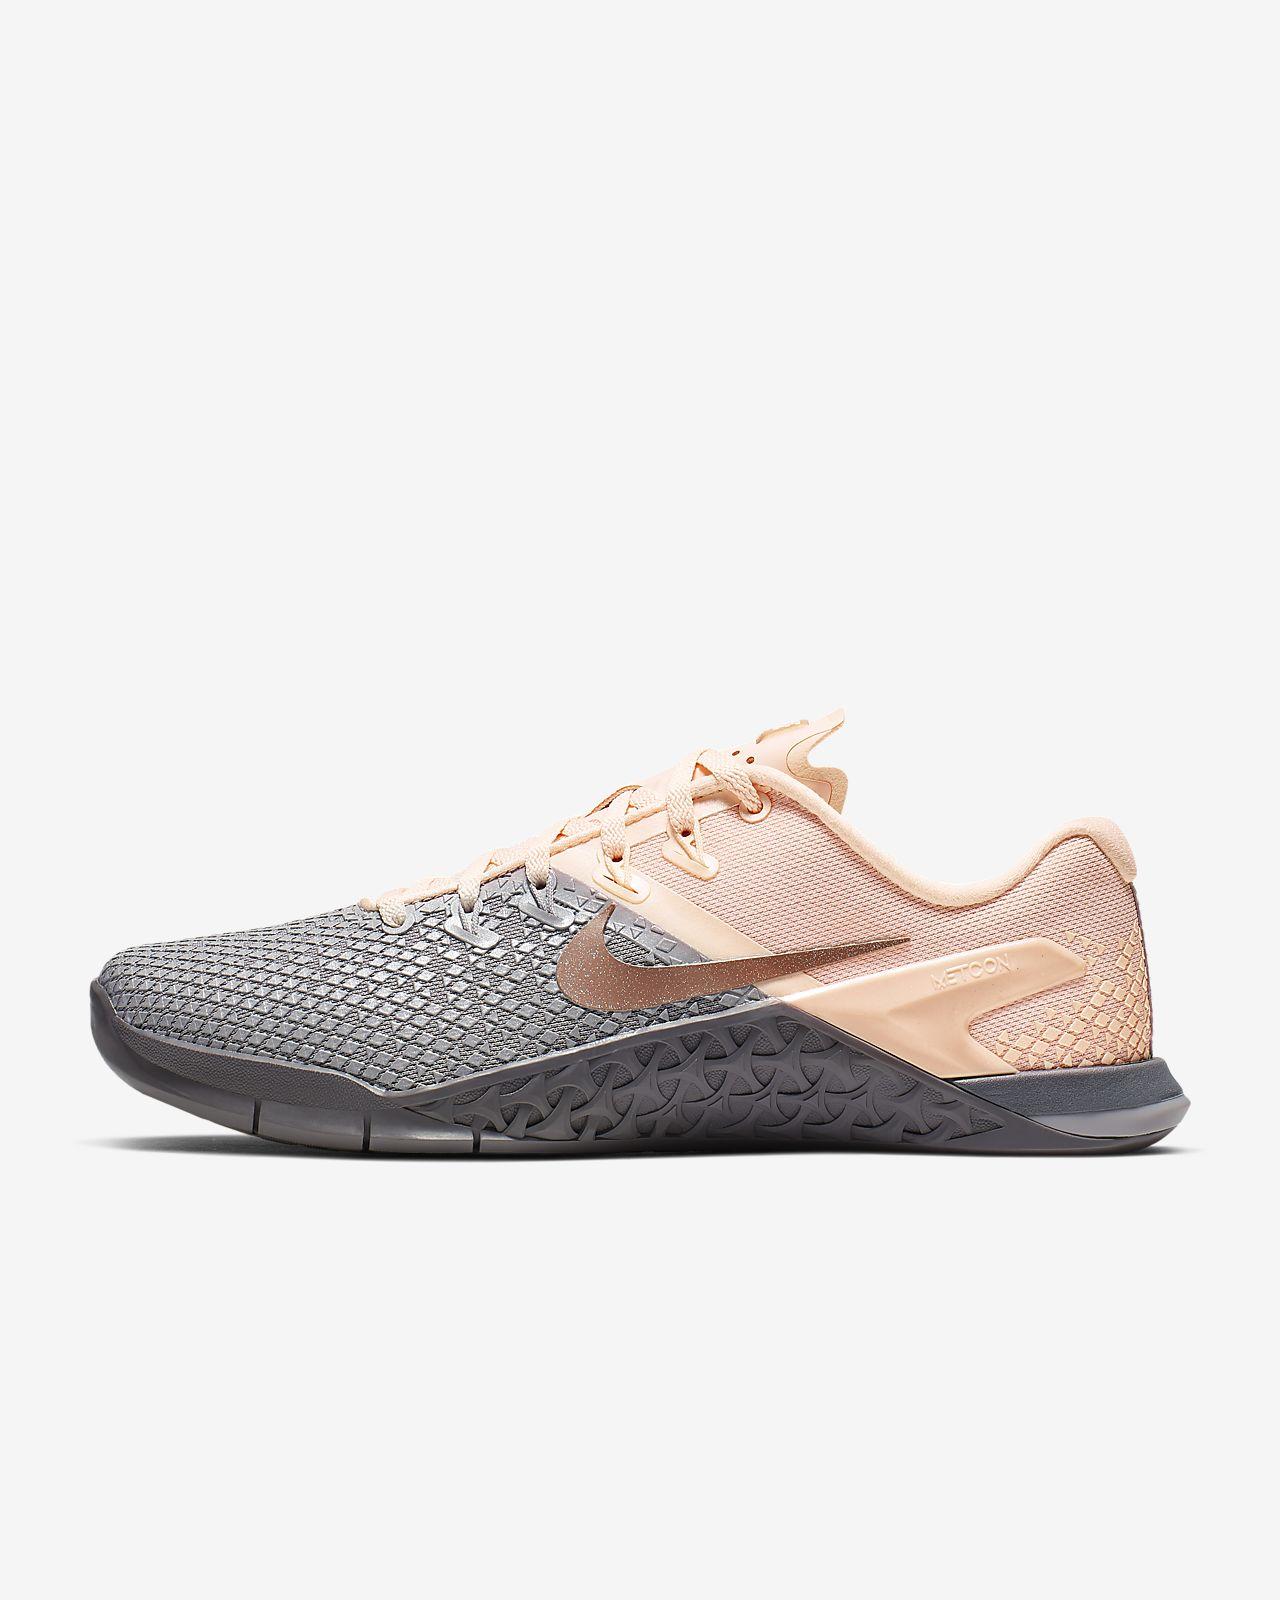 bb0d65a8cc1b7 ... Nike Metcon 4 XD Metallic Zapatillas de cross training y levantamiento  de pesas - Mujer